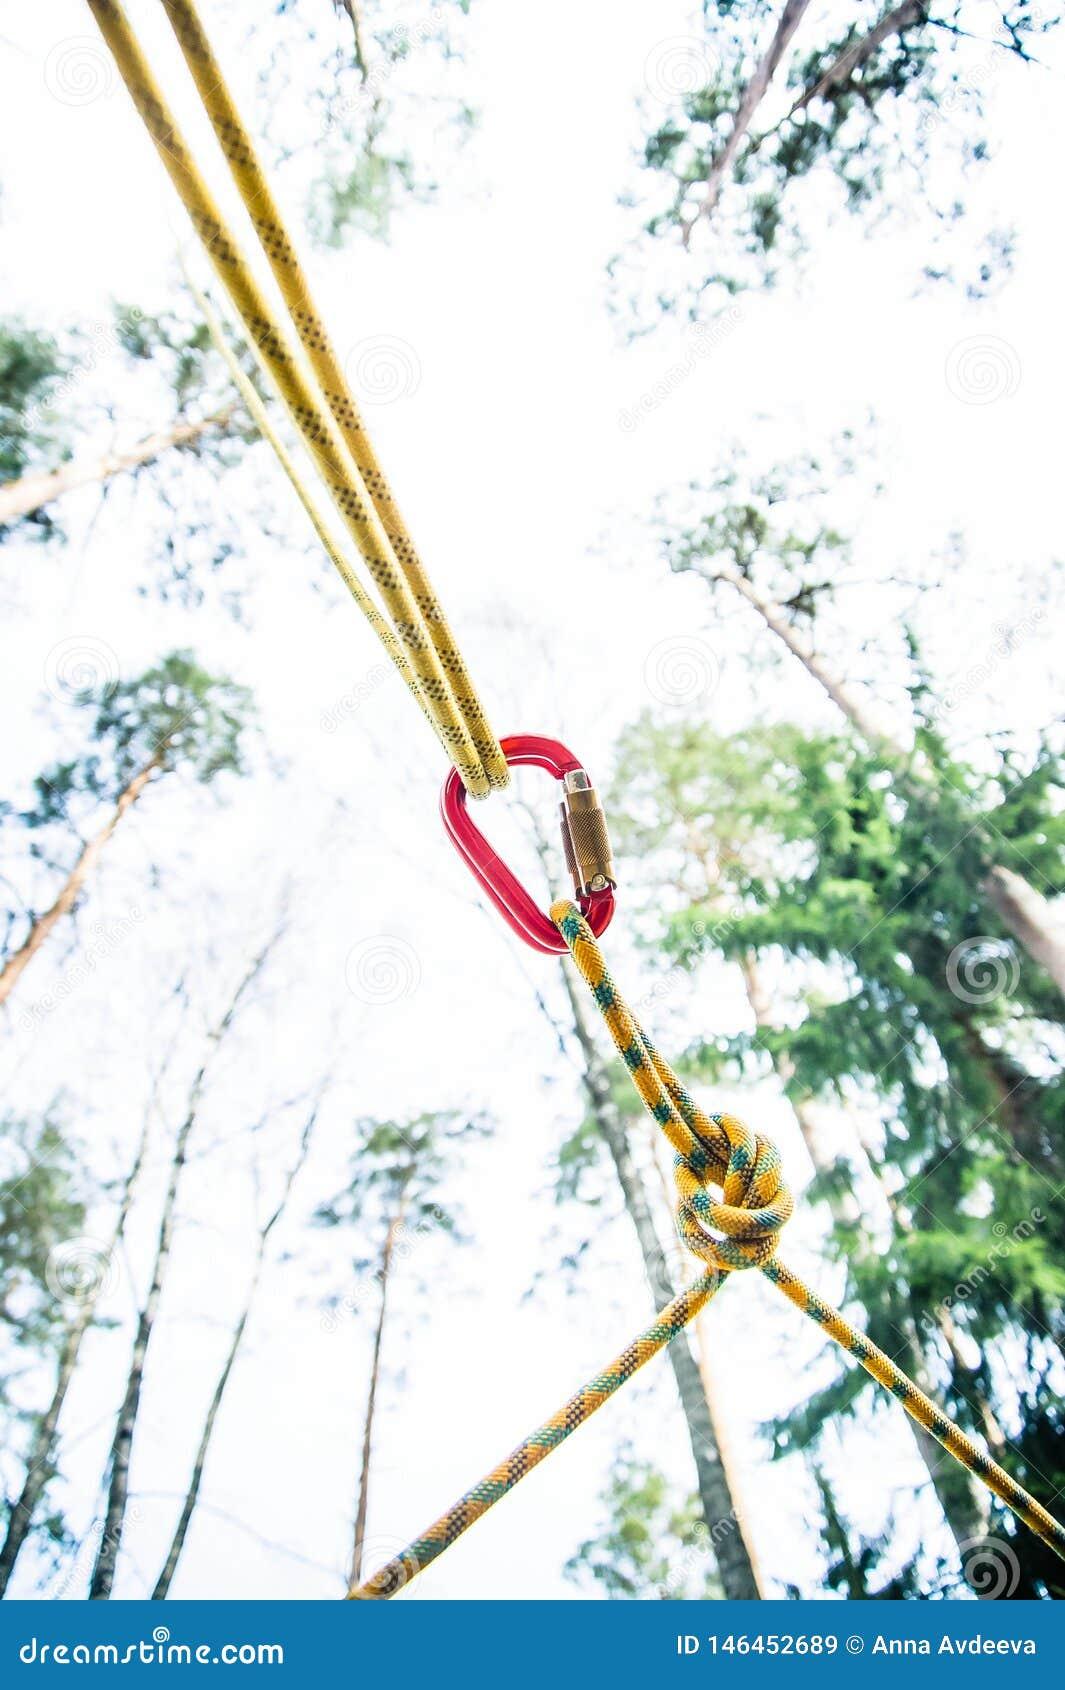 Asseguração segura da corda entre árvores ao carabiner de escalada